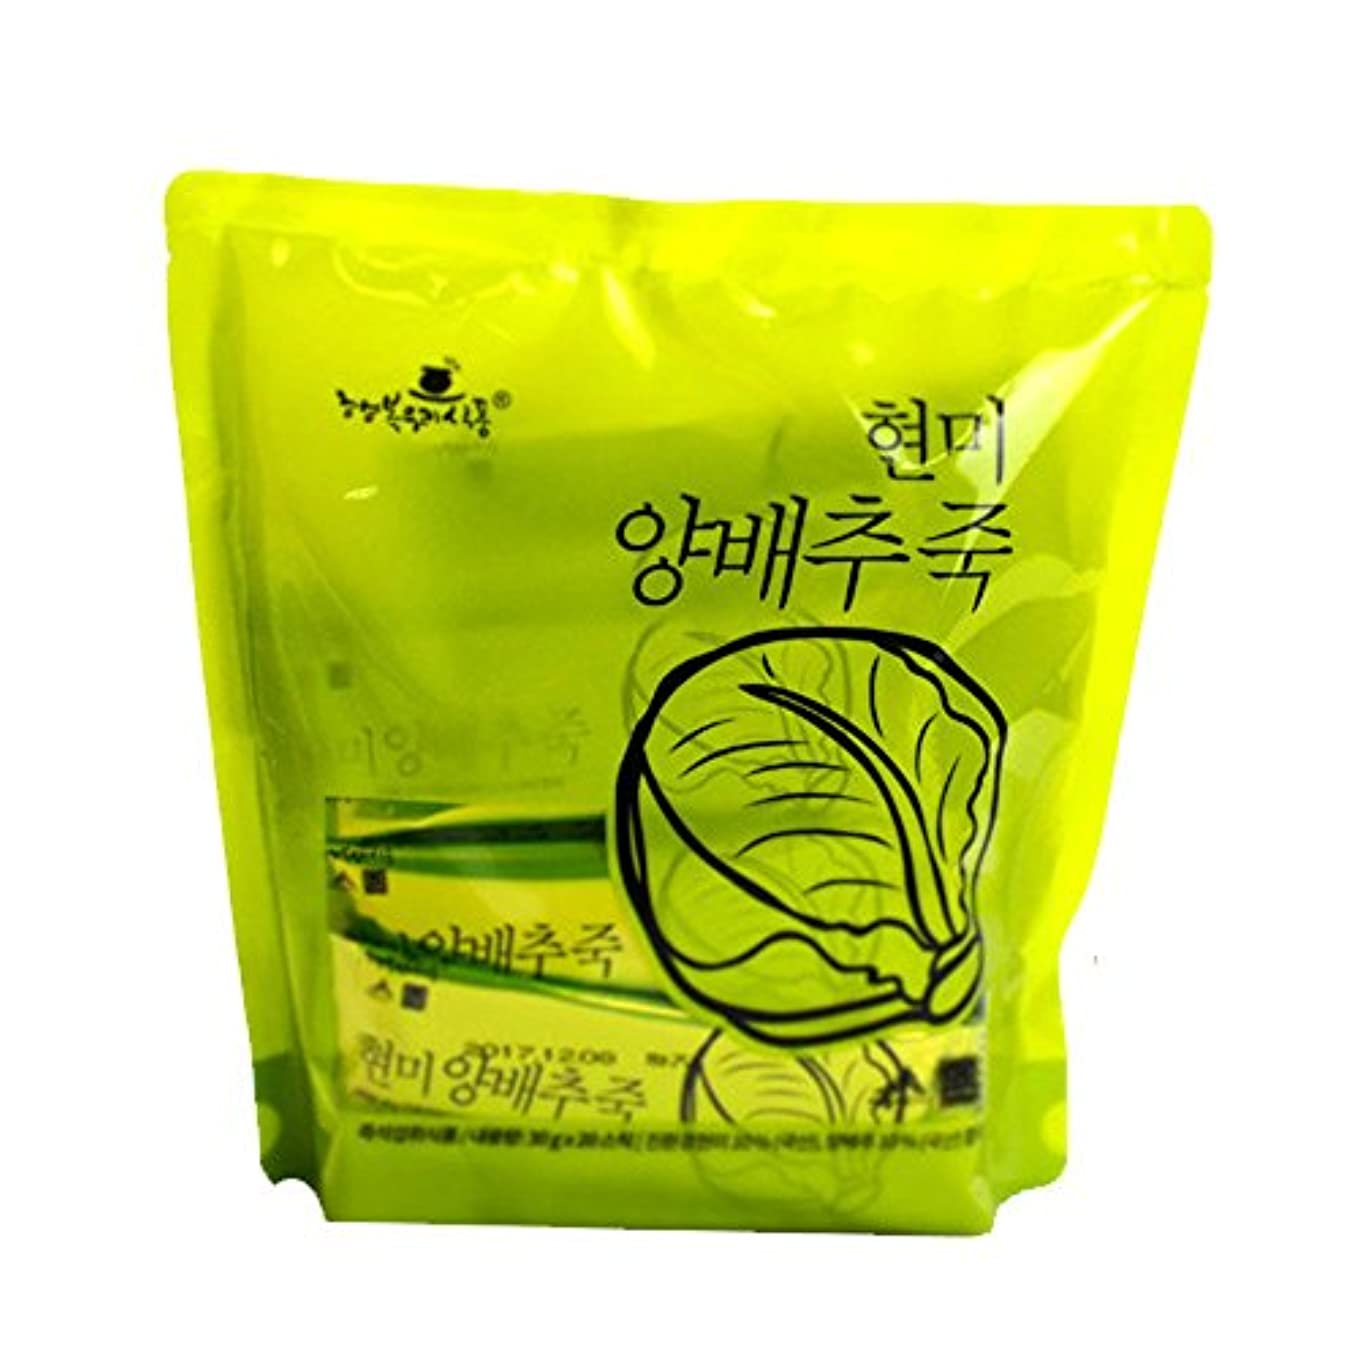 ソケットブレース修正する1袋110Kcalのお手軽インスタント韓国粥/玄米白菜粥(30g×20袋)